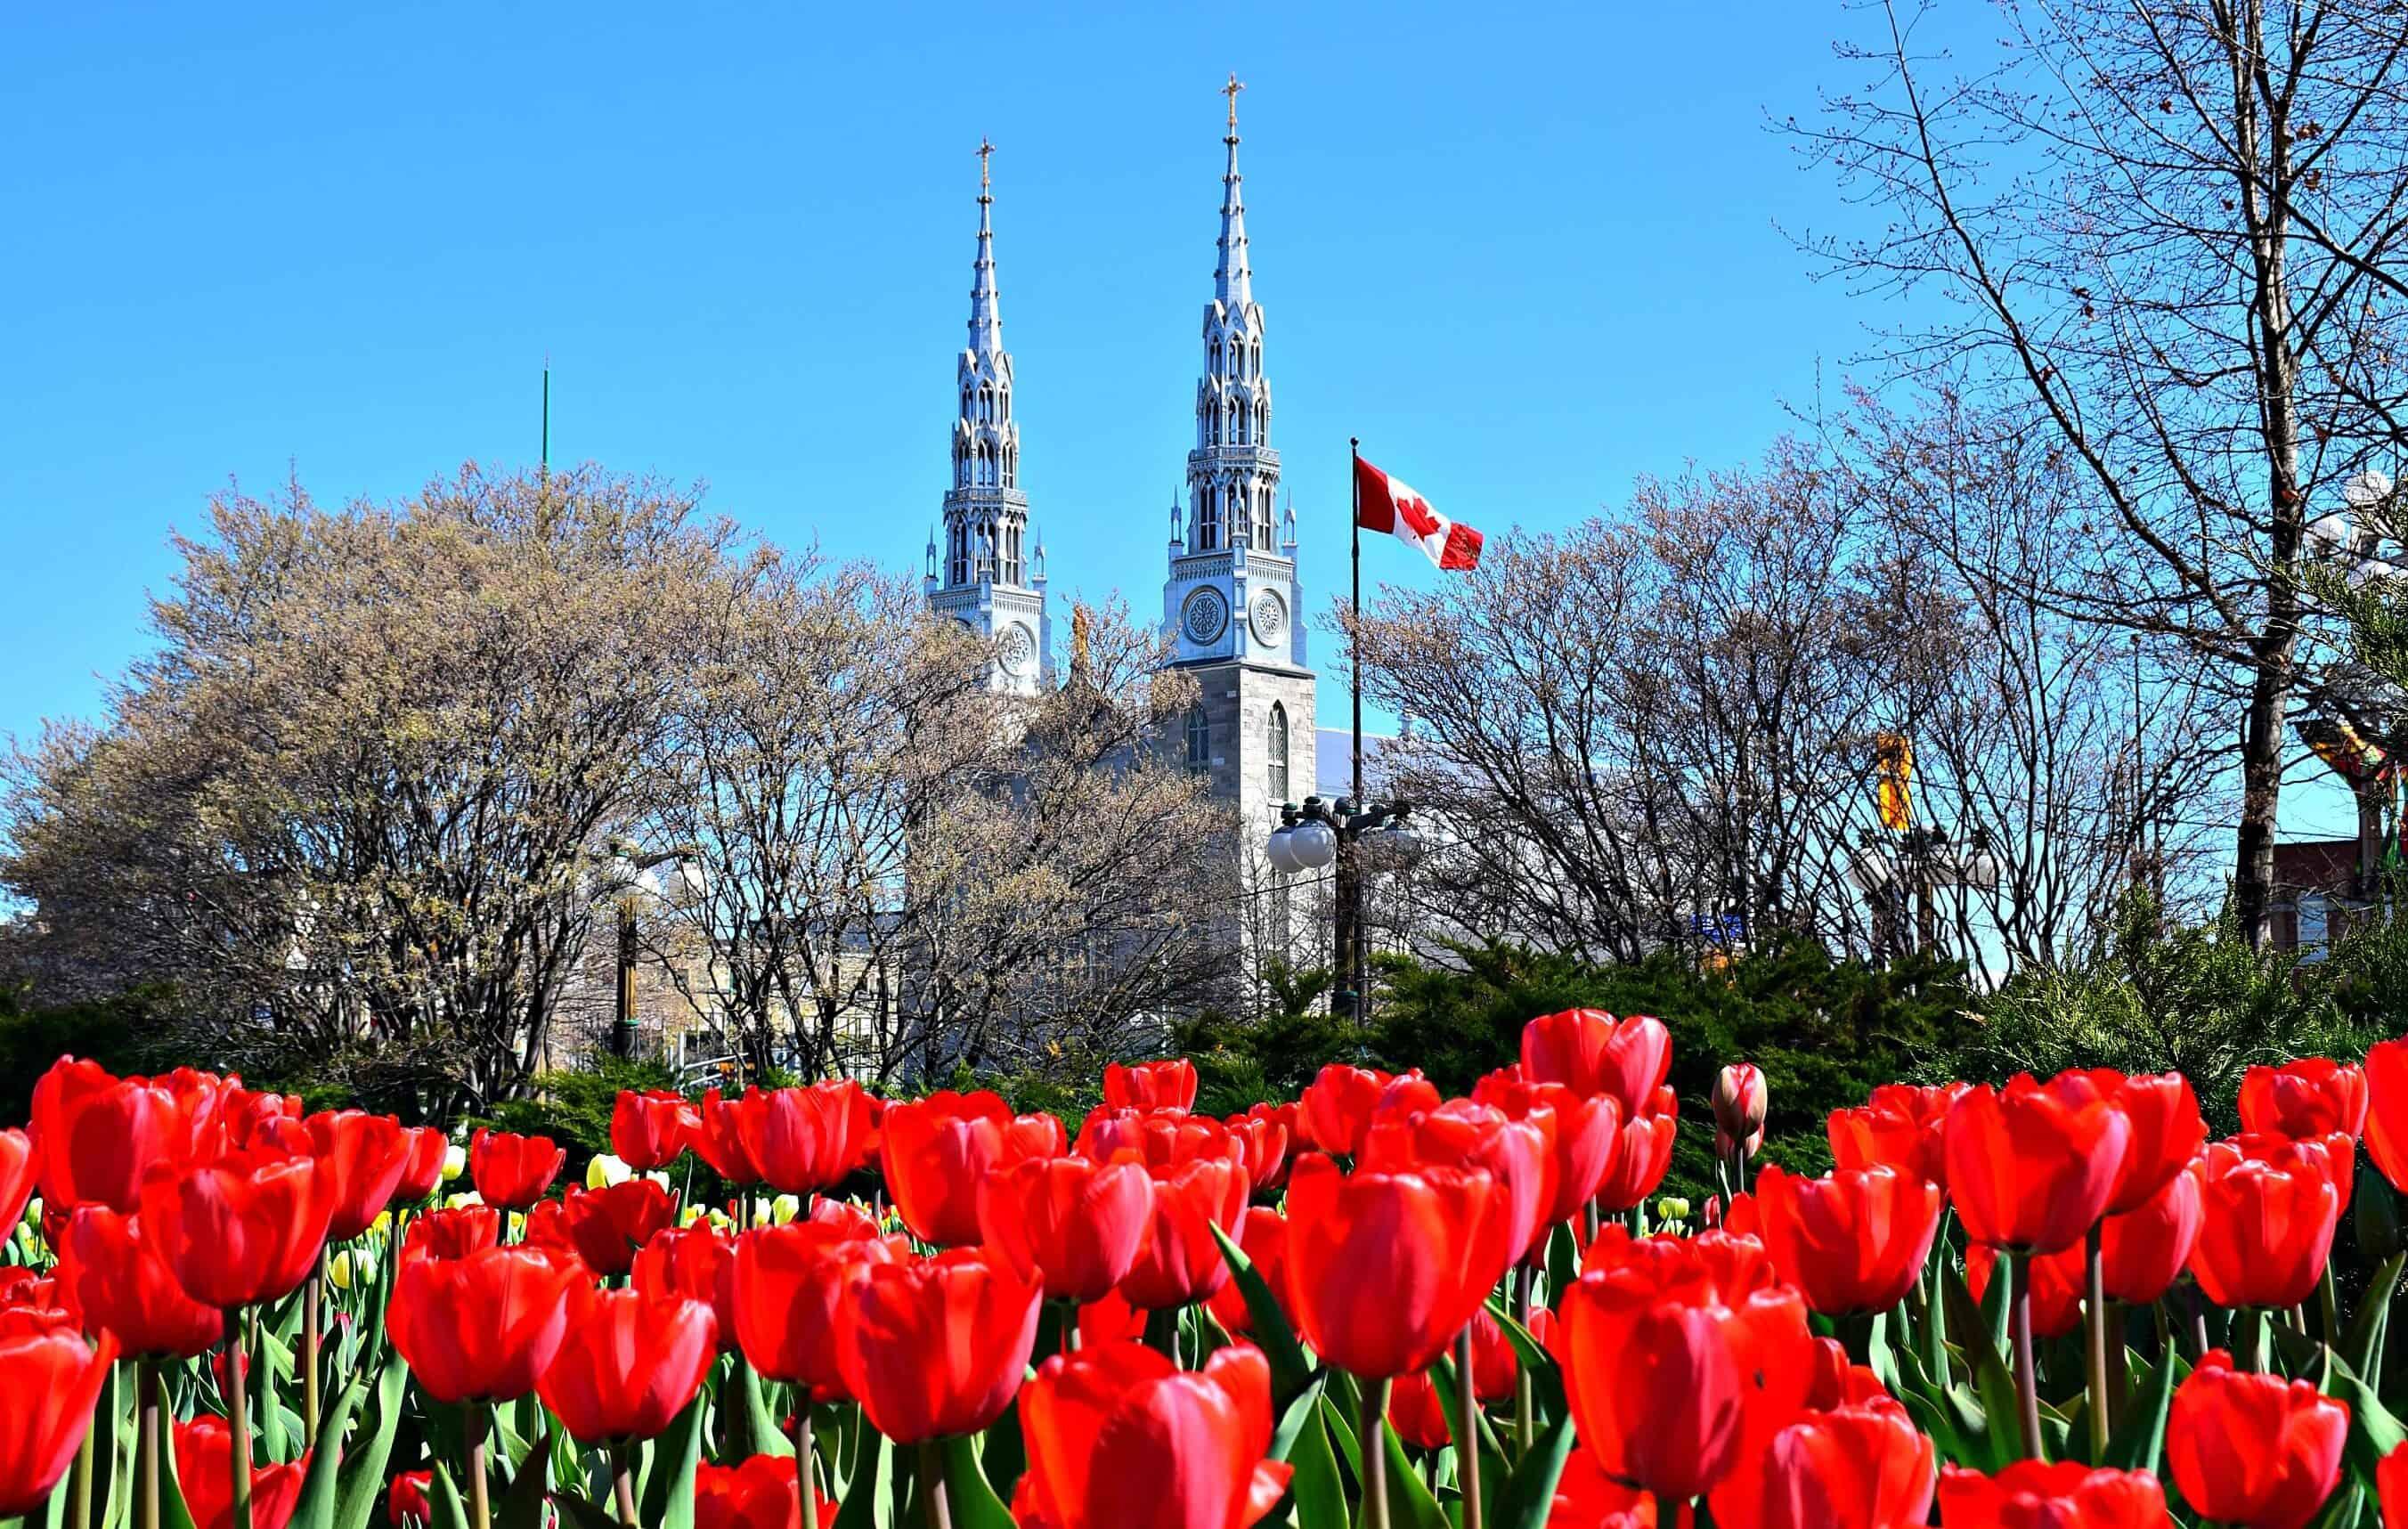 le hoi hoa tulip canada